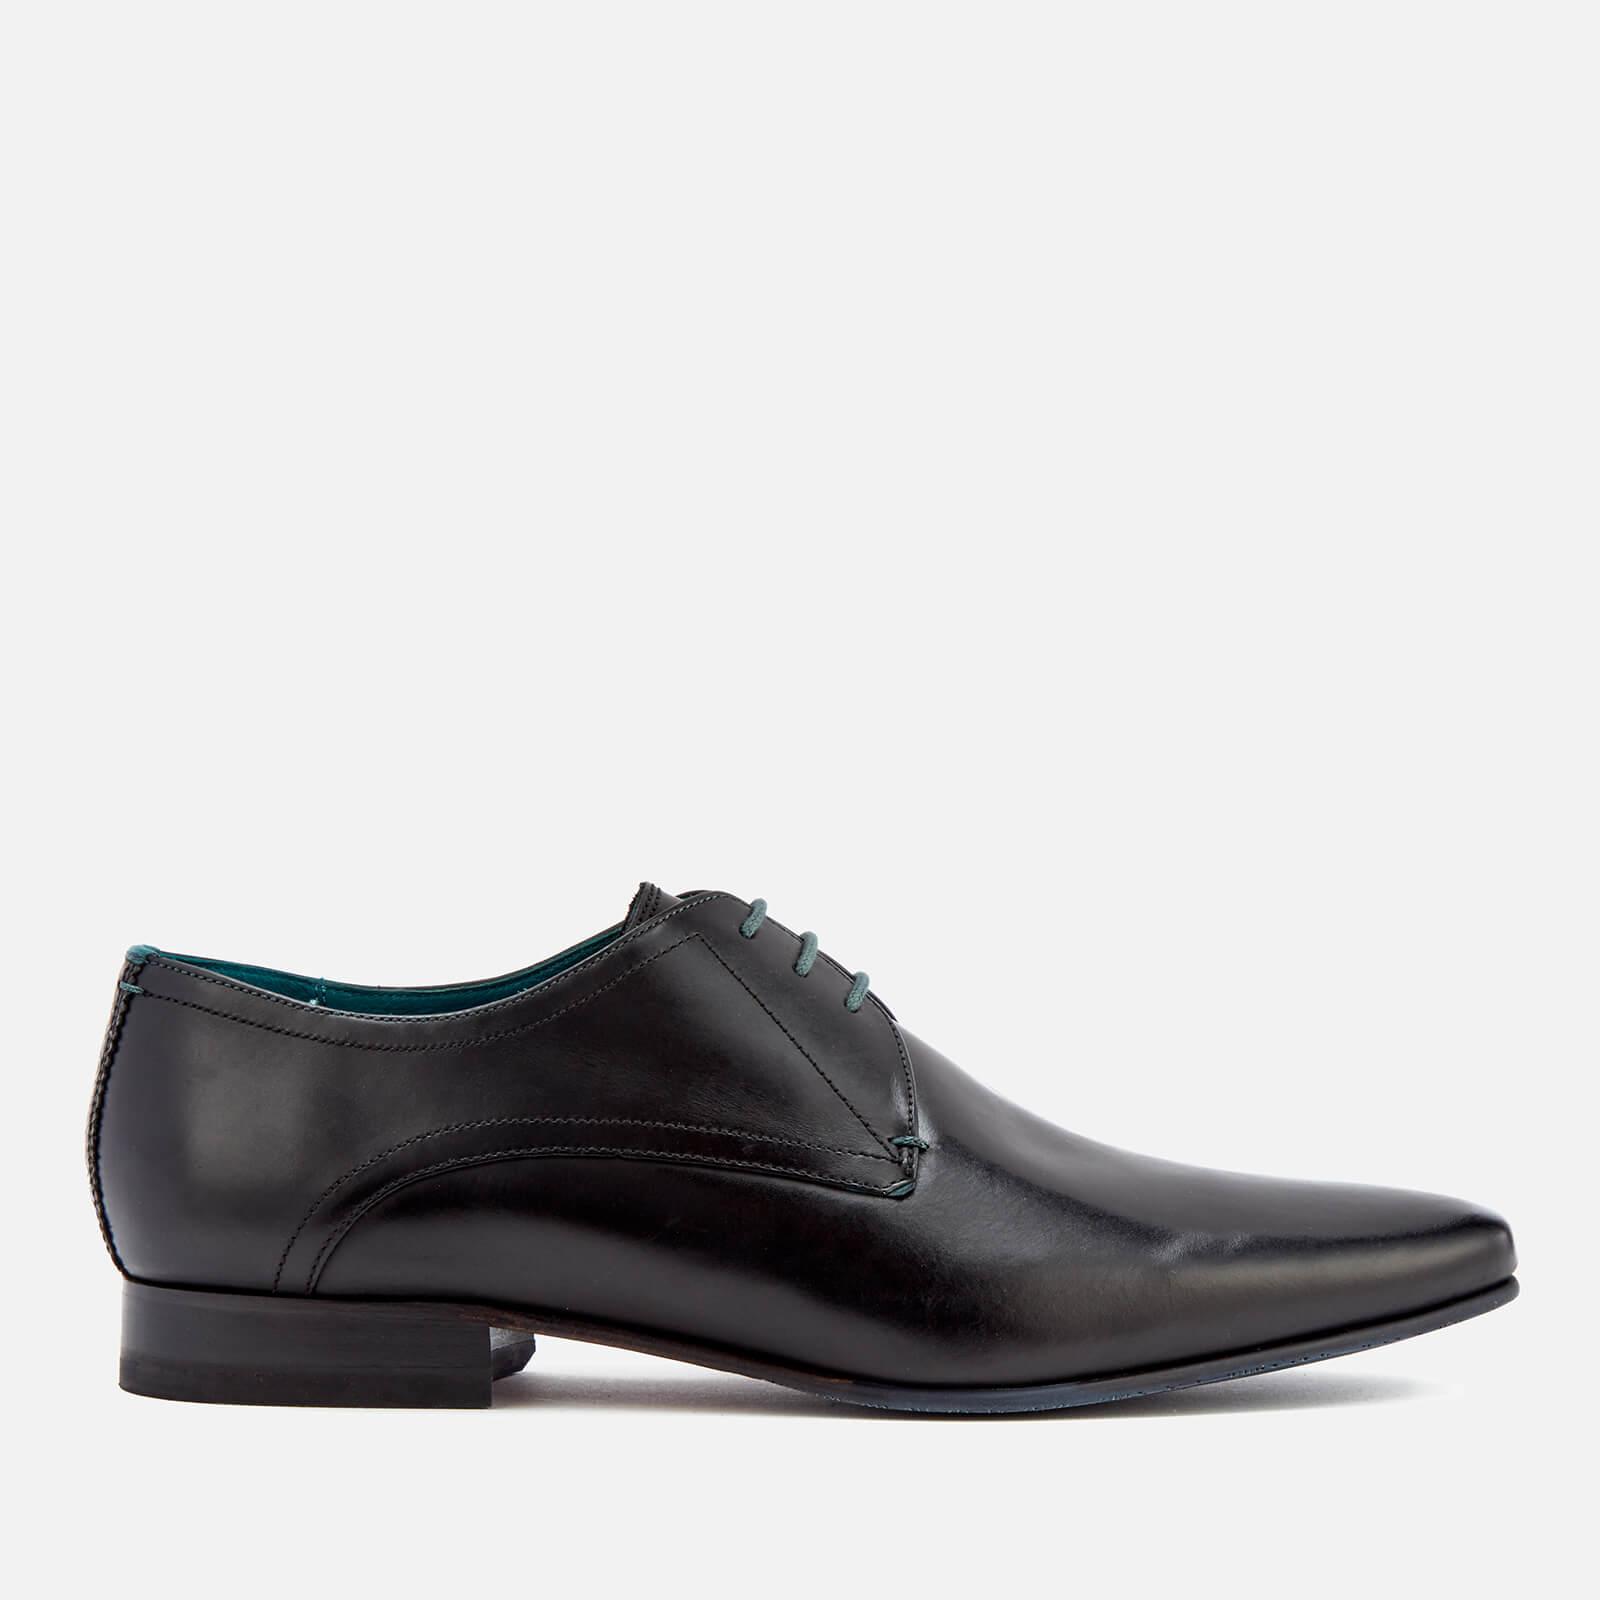 Ted Baker Men's Bhartli Leater Derby Shoes - Black - UK 8